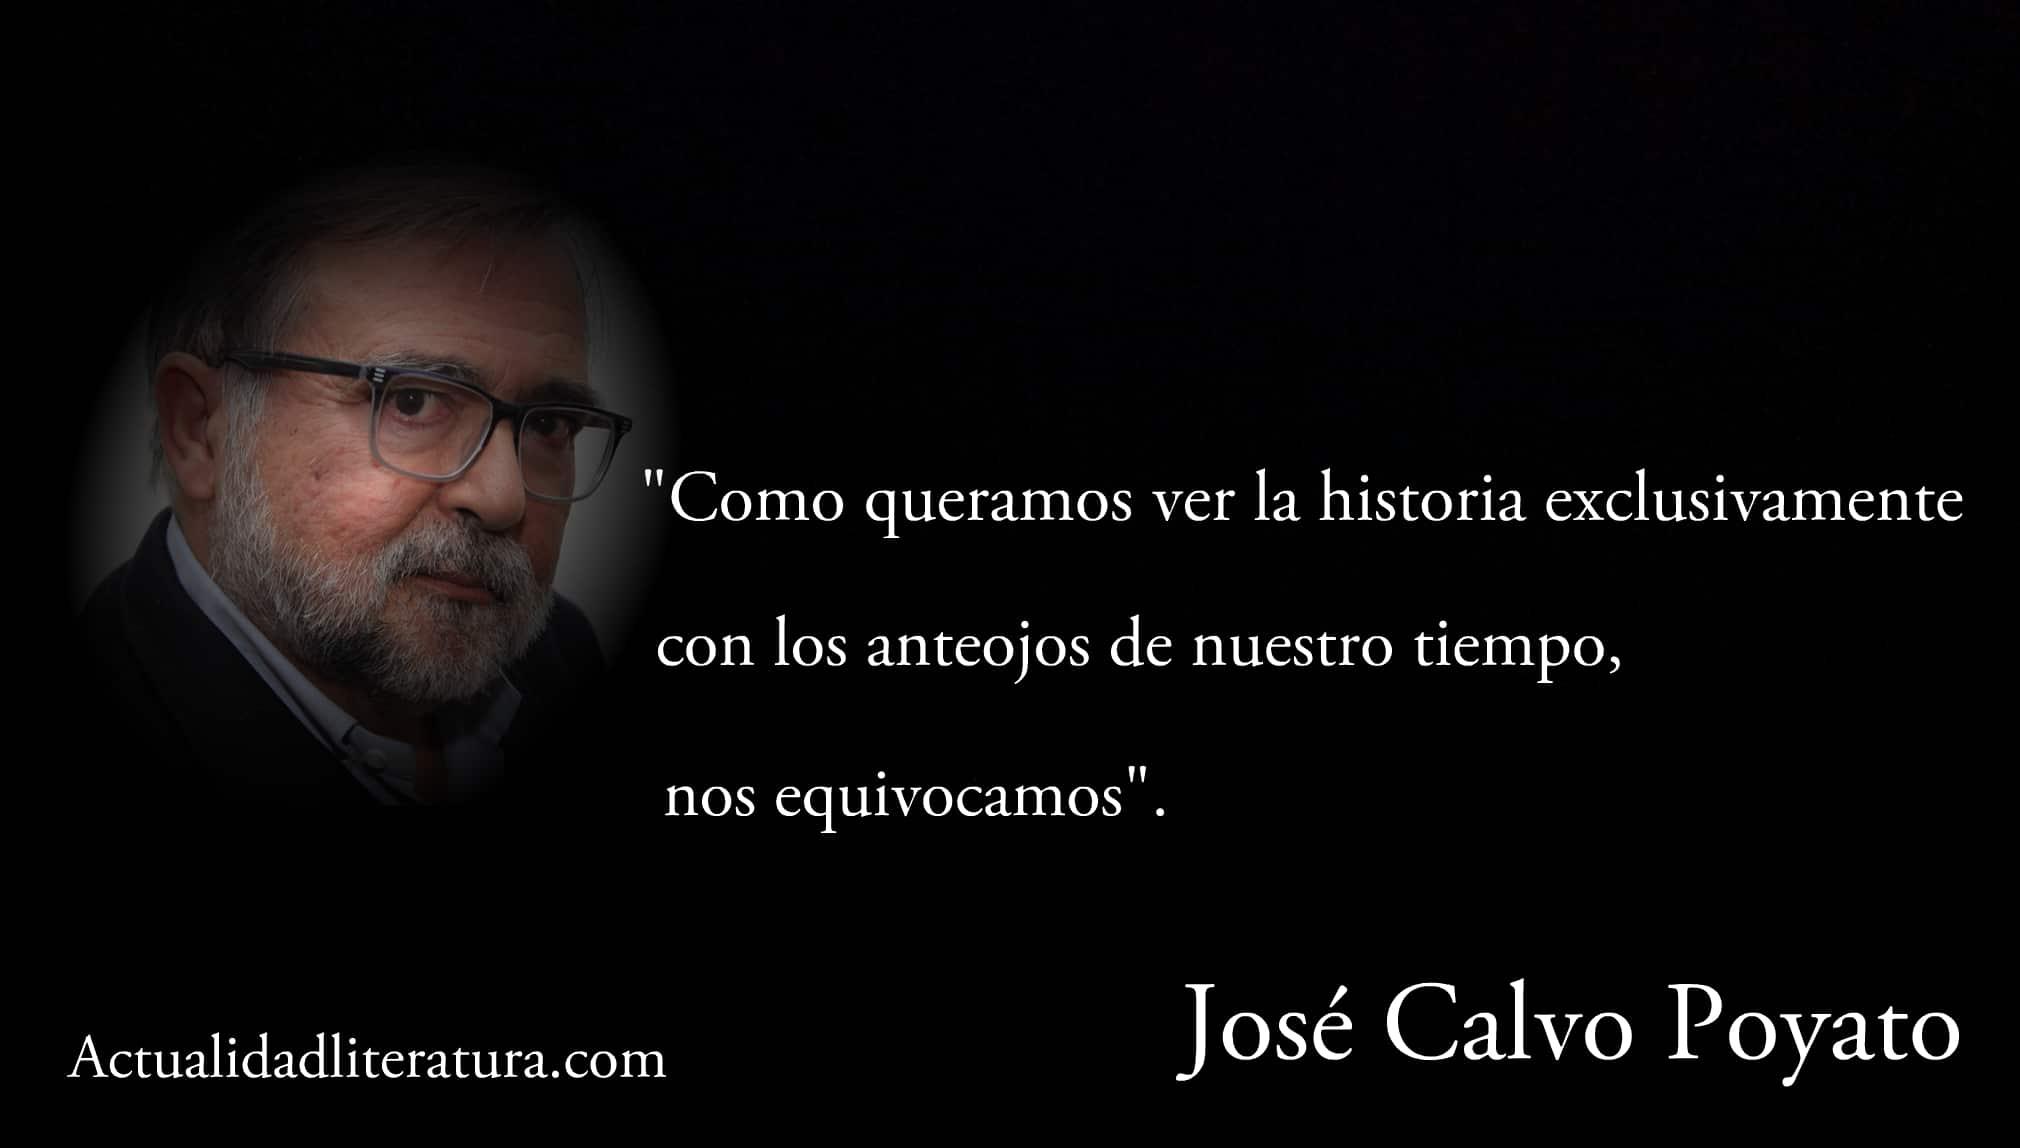 Frase de José Calvo Poyato.